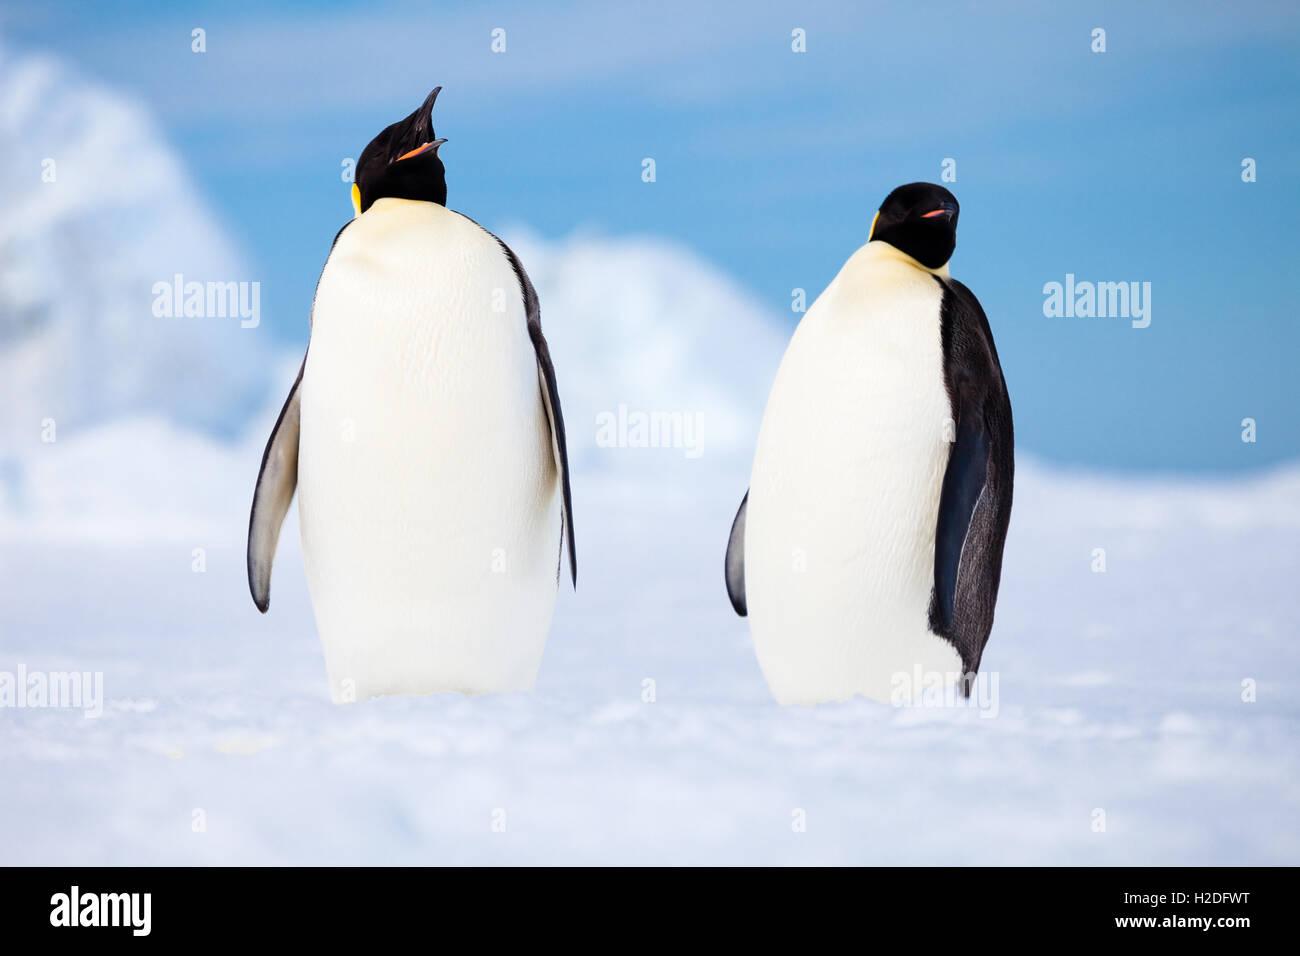 Deux manchots empereurs flâner sur une plateforme de glace, l'Antarctique côtier Photo Stock